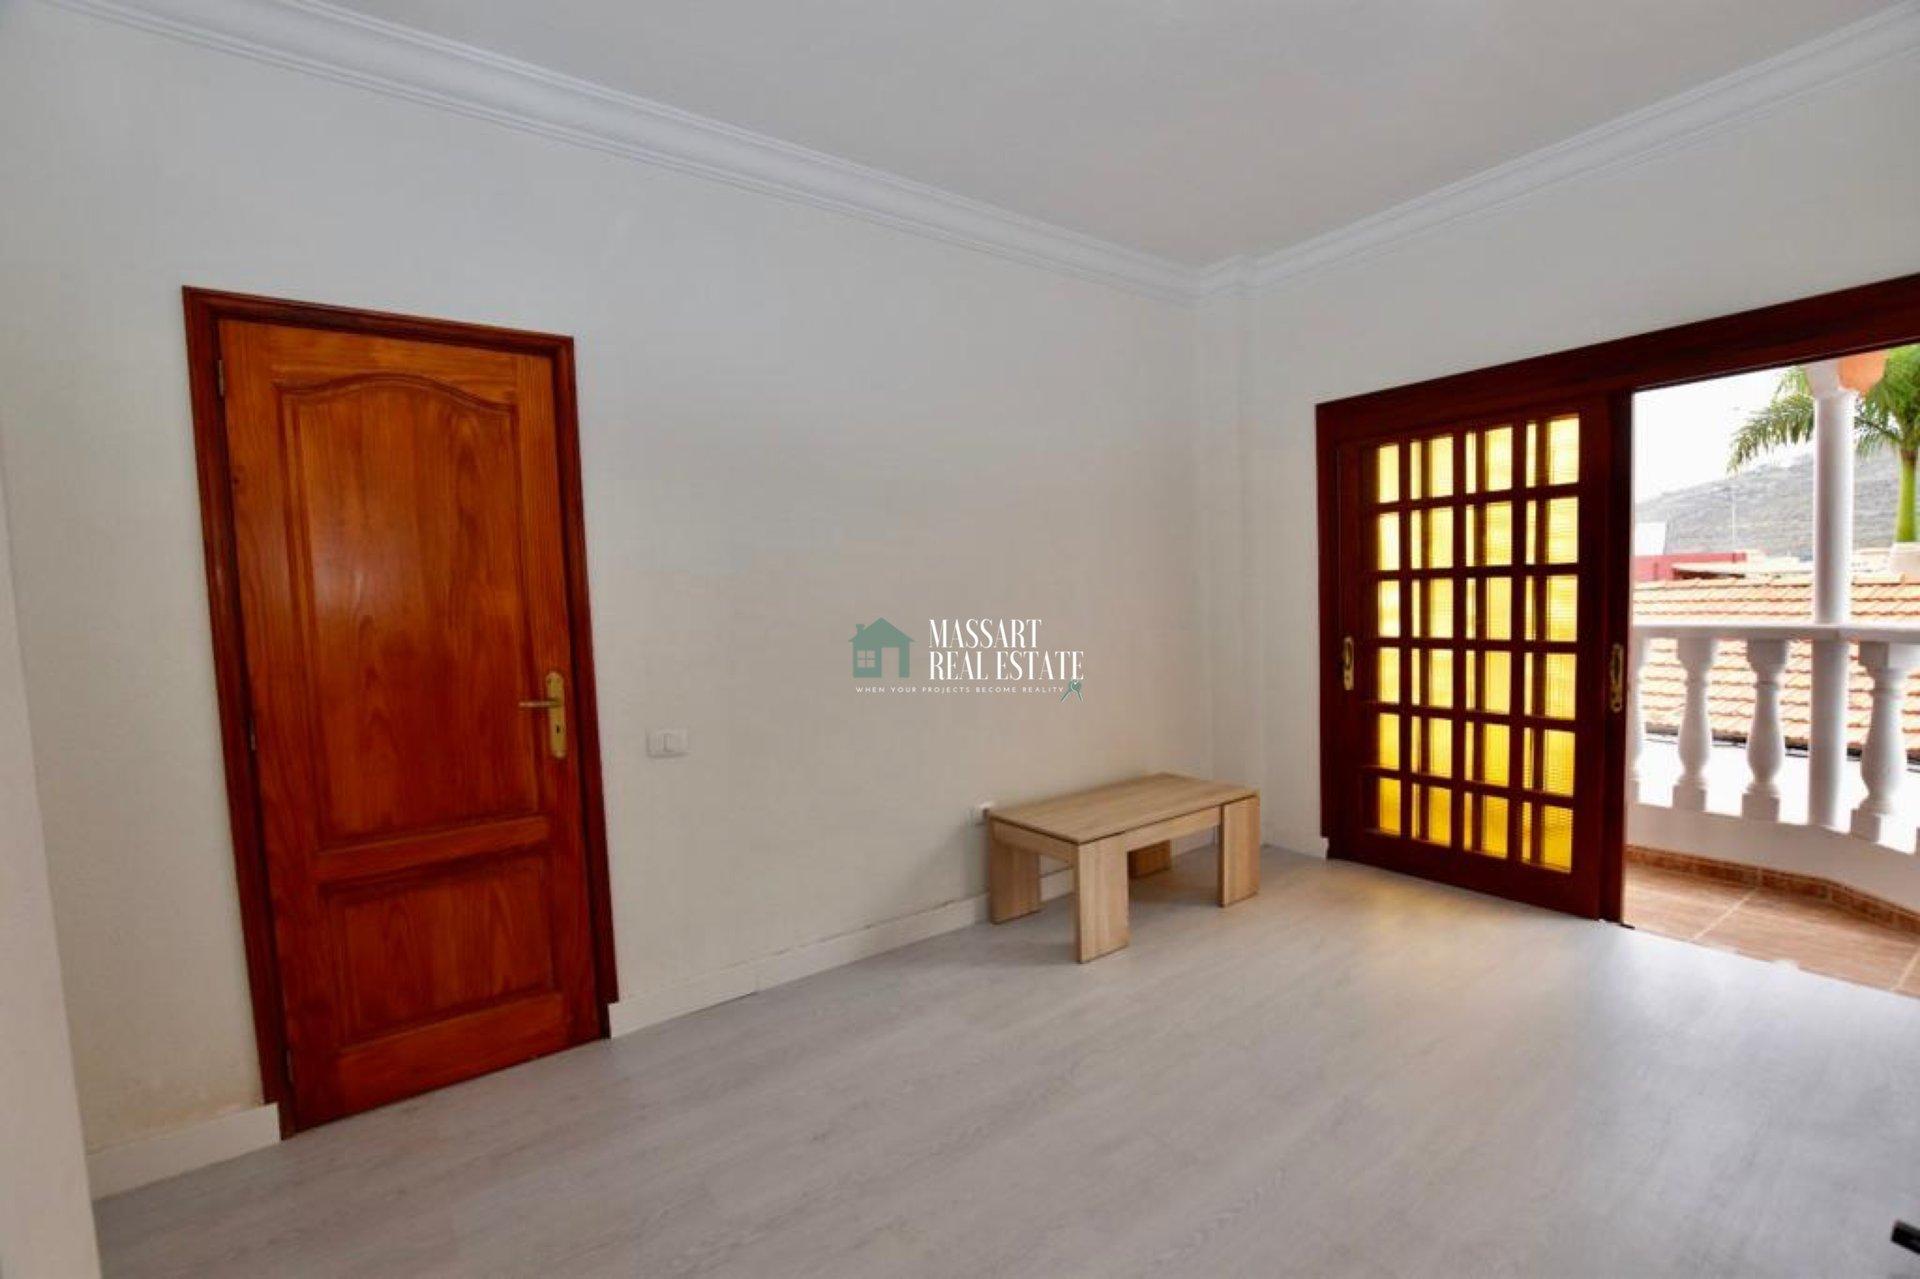 Appartement de 156 m2 caractérisé par son emplacement stratégique, au centre d'Adeje, ainsi que par sa luminosité et sa bonne distribution.